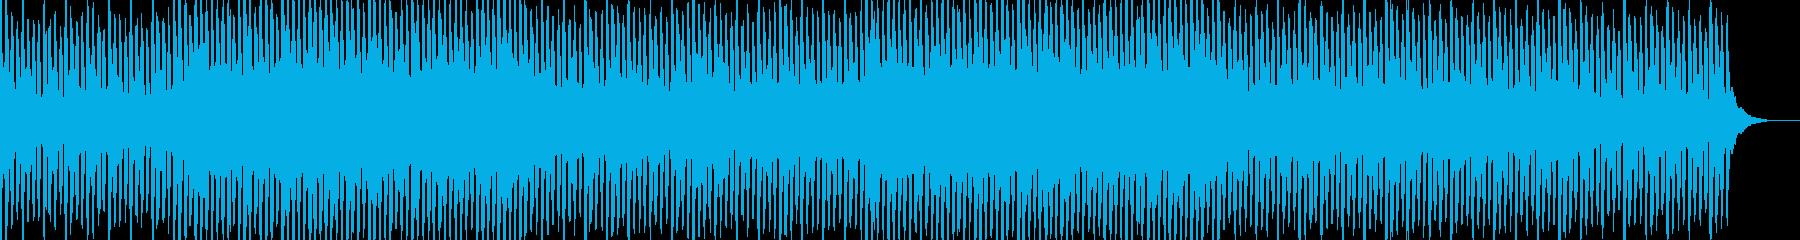 浮遊感のあるおしゃれなコード感 4つ打ちの再生済みの波形